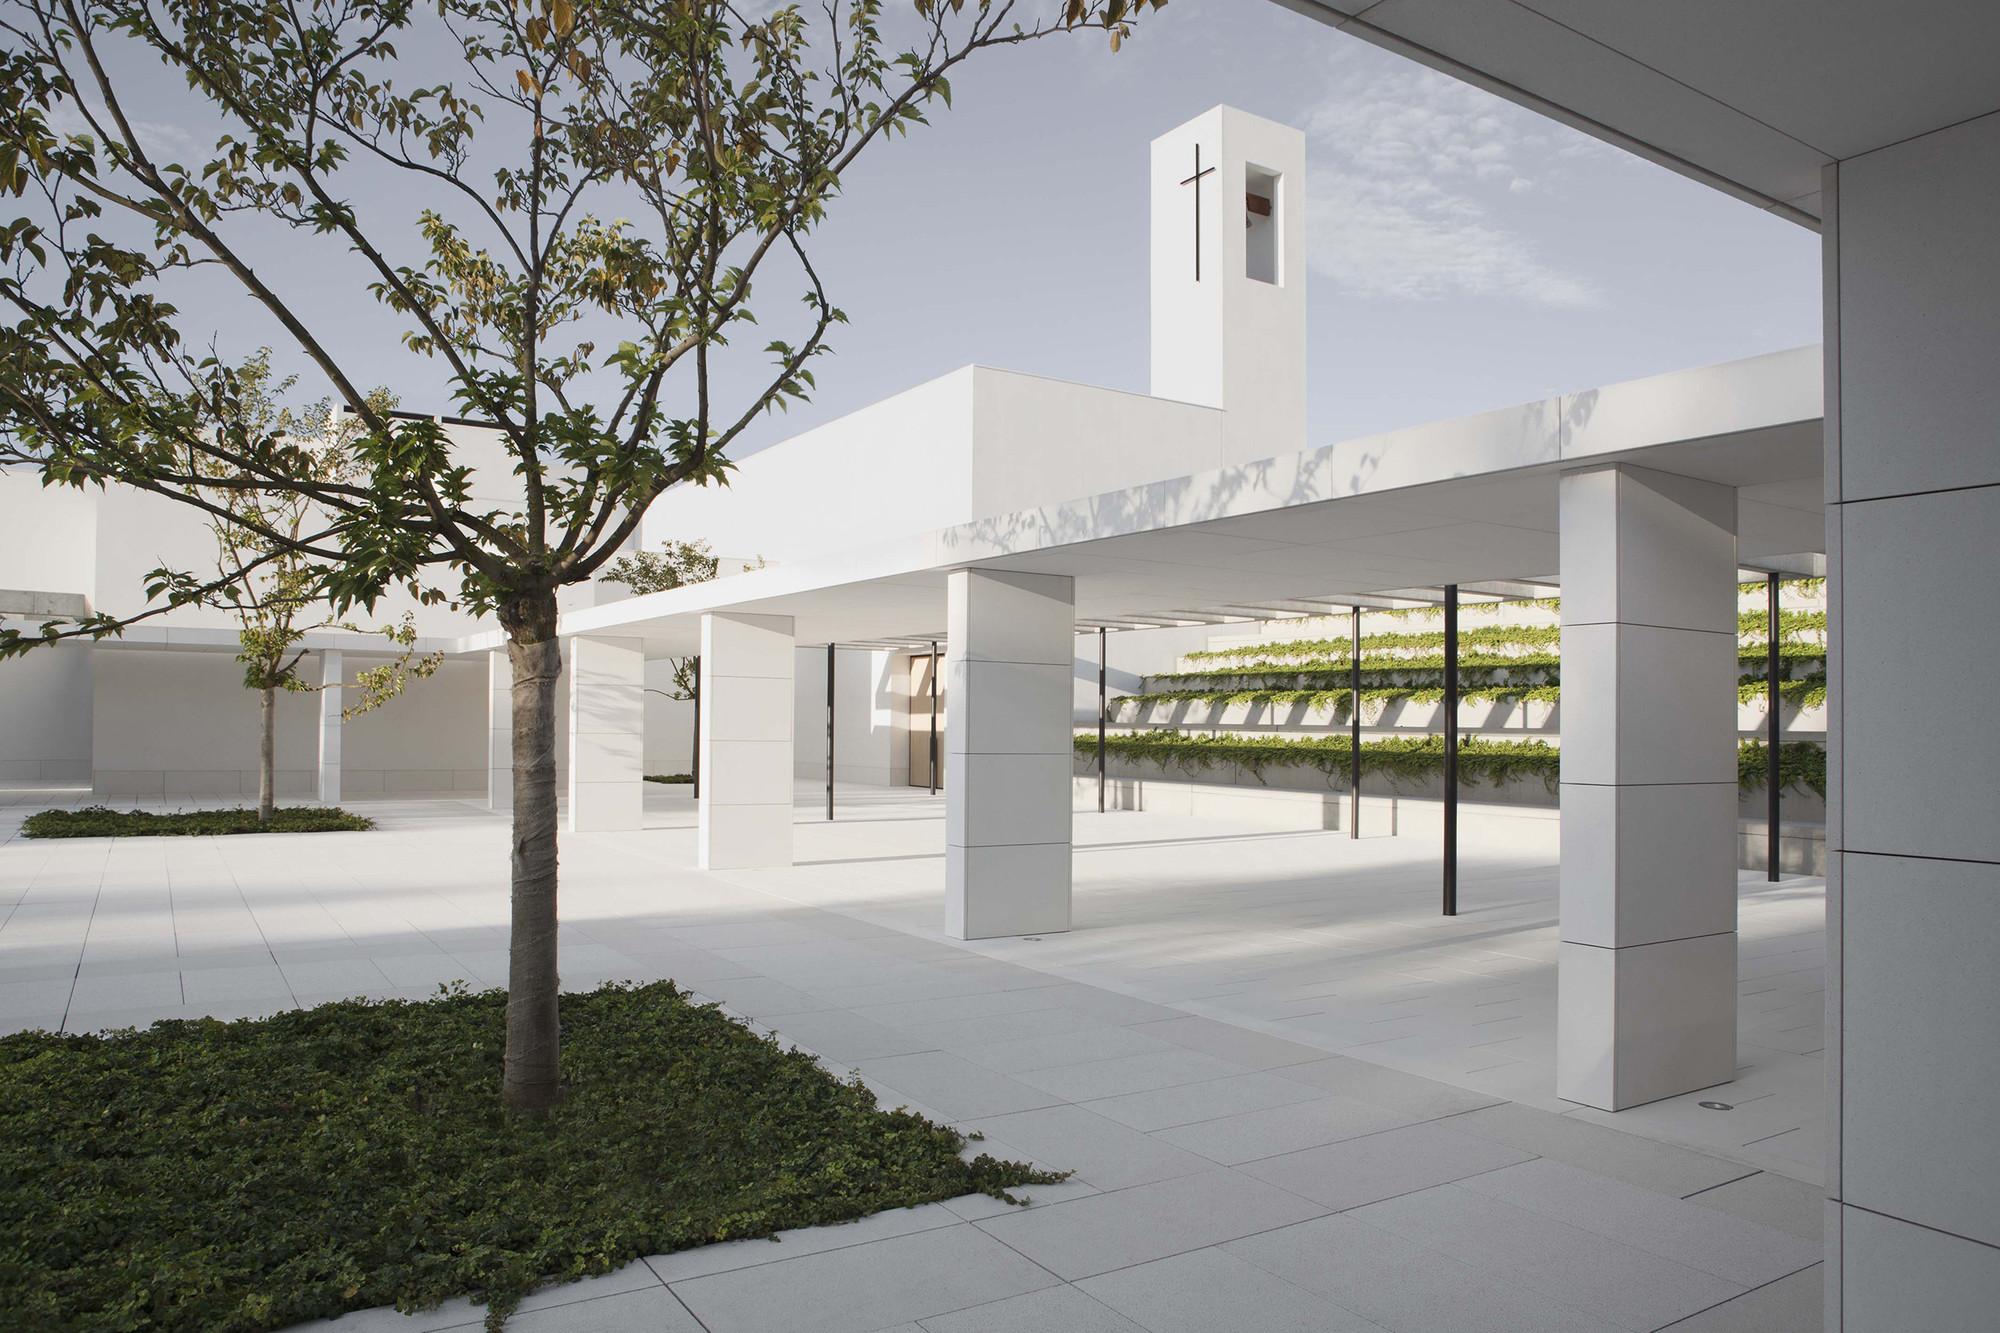 Padre rubinos elsa urquijo arquitectos plataforma for Plataforma arquitectura